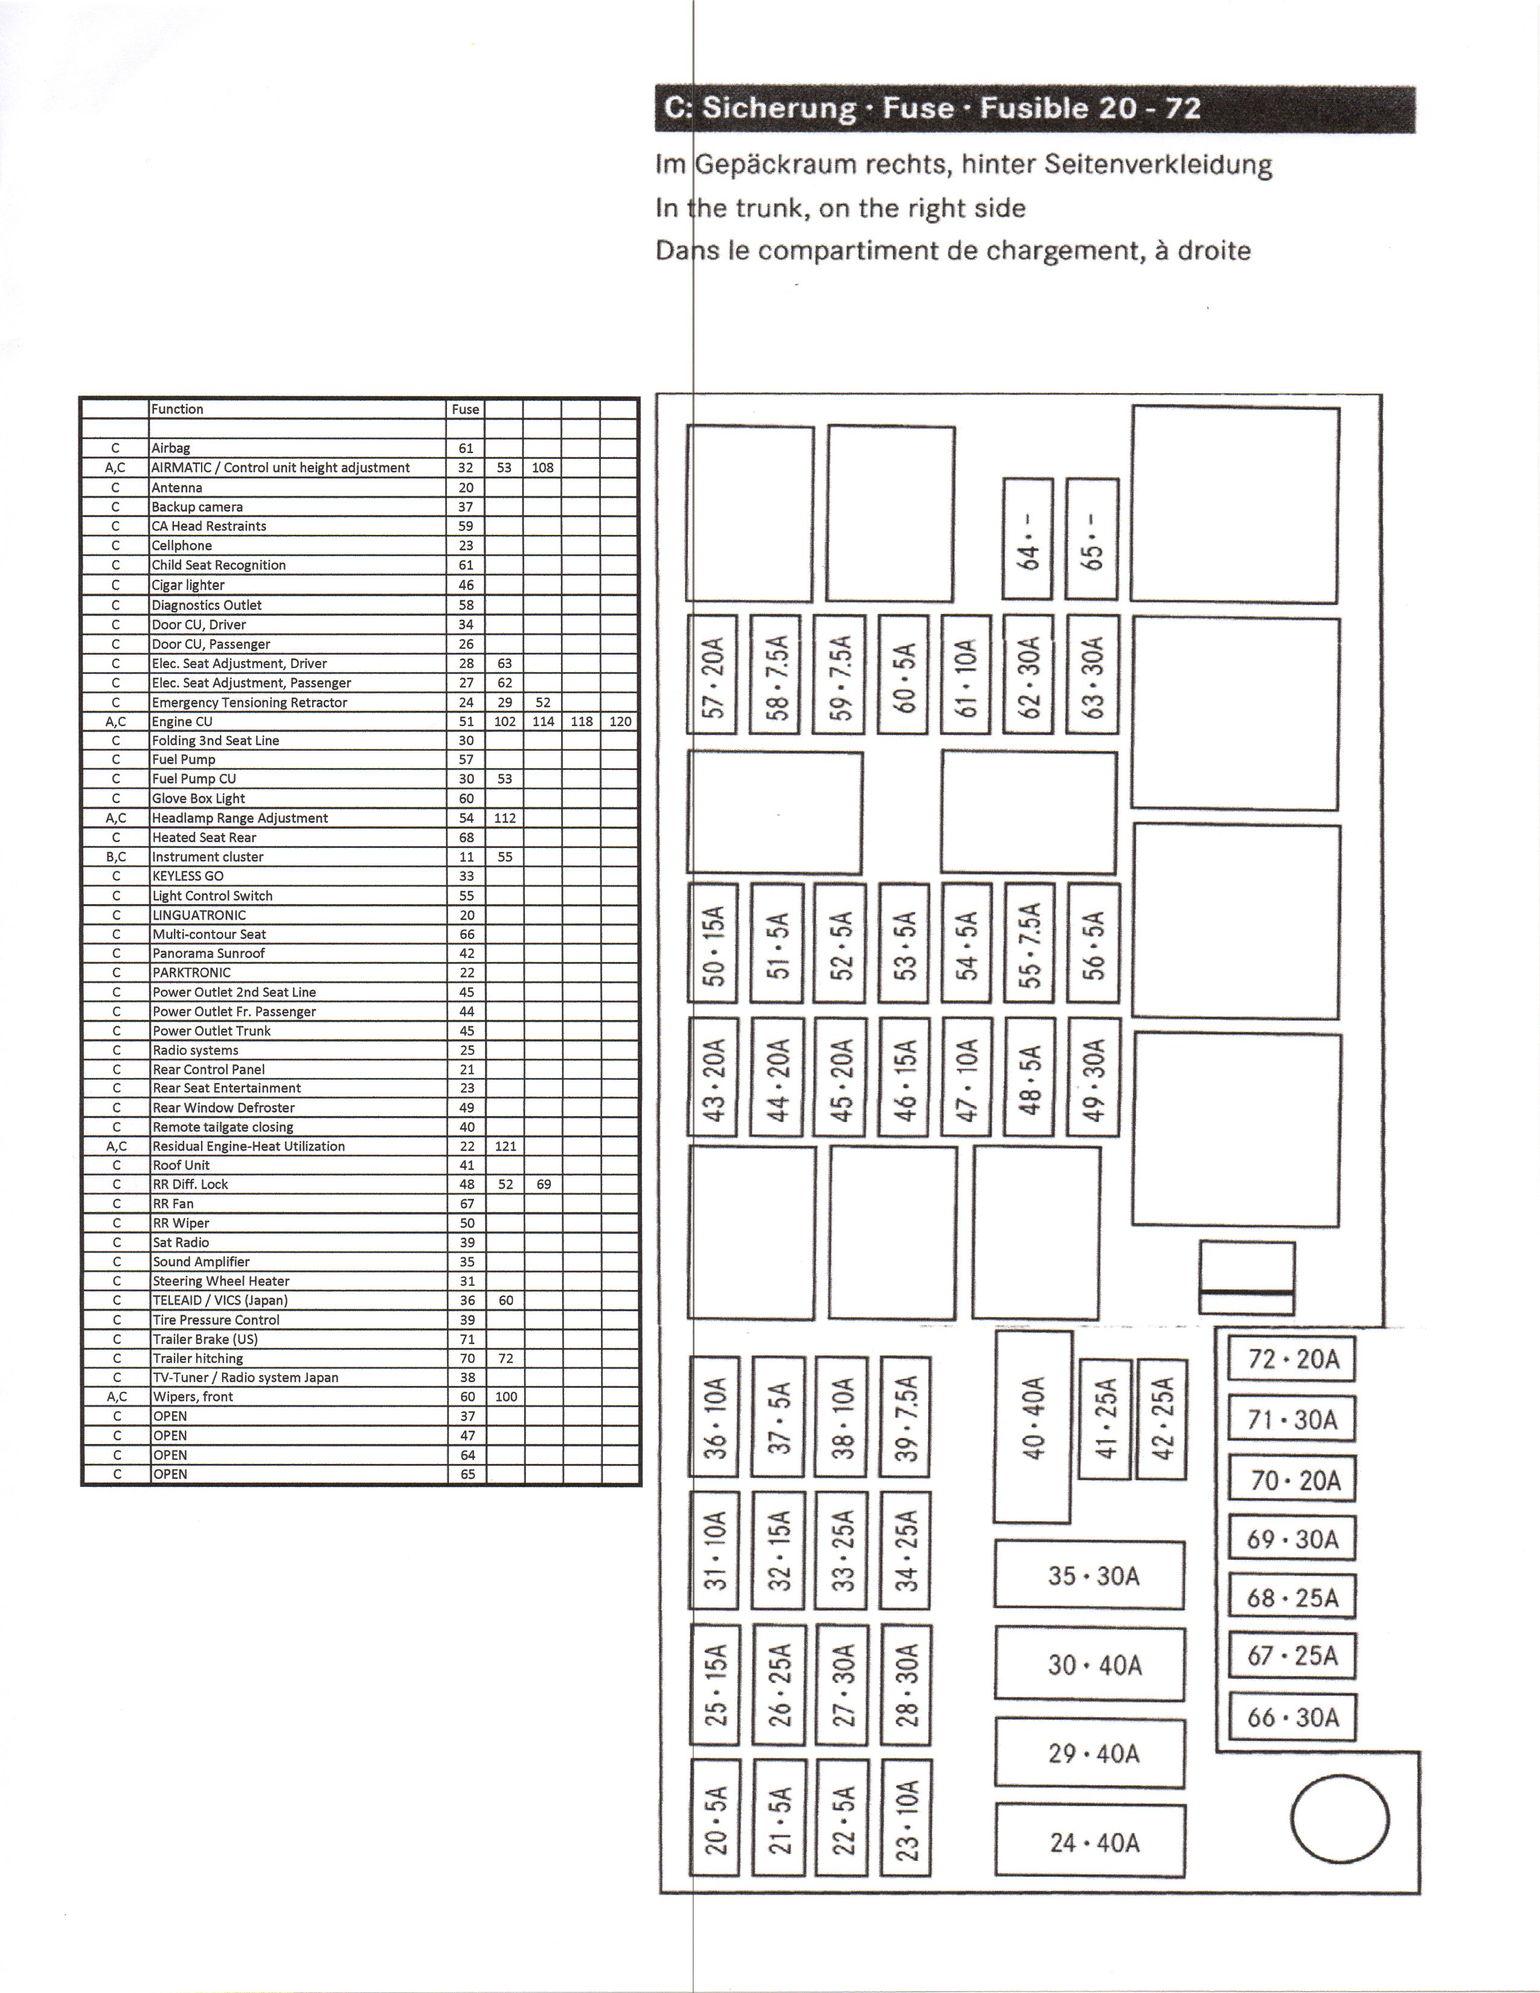 diagram] mercedes gl fuse diagram full version hd quality fuse diagram -  cabinetwiringpdf.fn33.fr  cabinetwiringpdf.fn33.fr